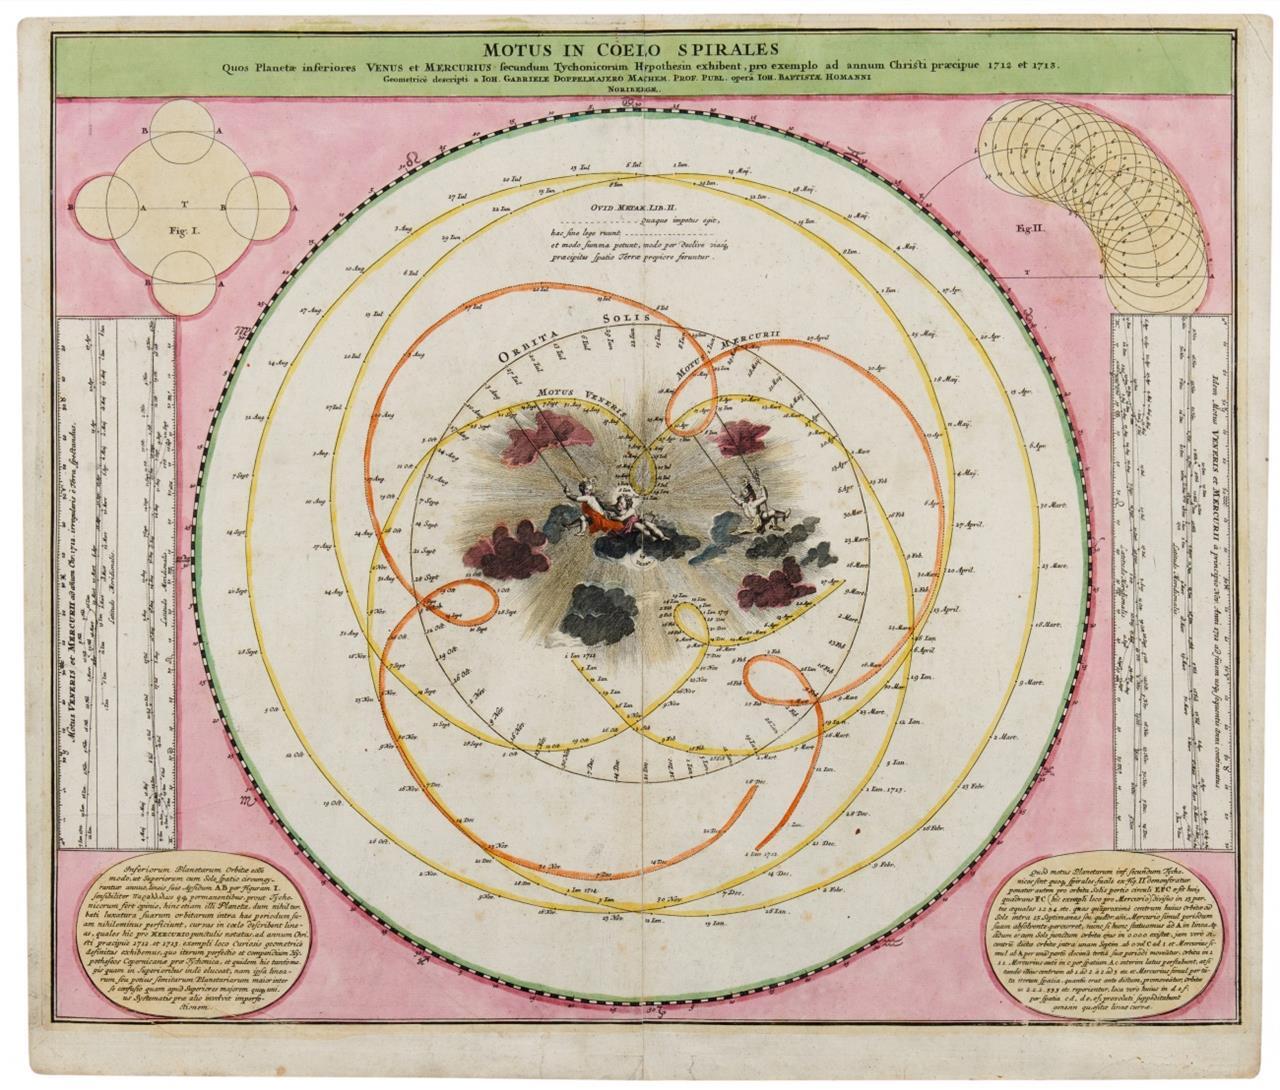 Motus in Coelo Spirales. Kolorierte Kupferstichkarte von J.G. Doppelmayr, bei J.B. Homann.